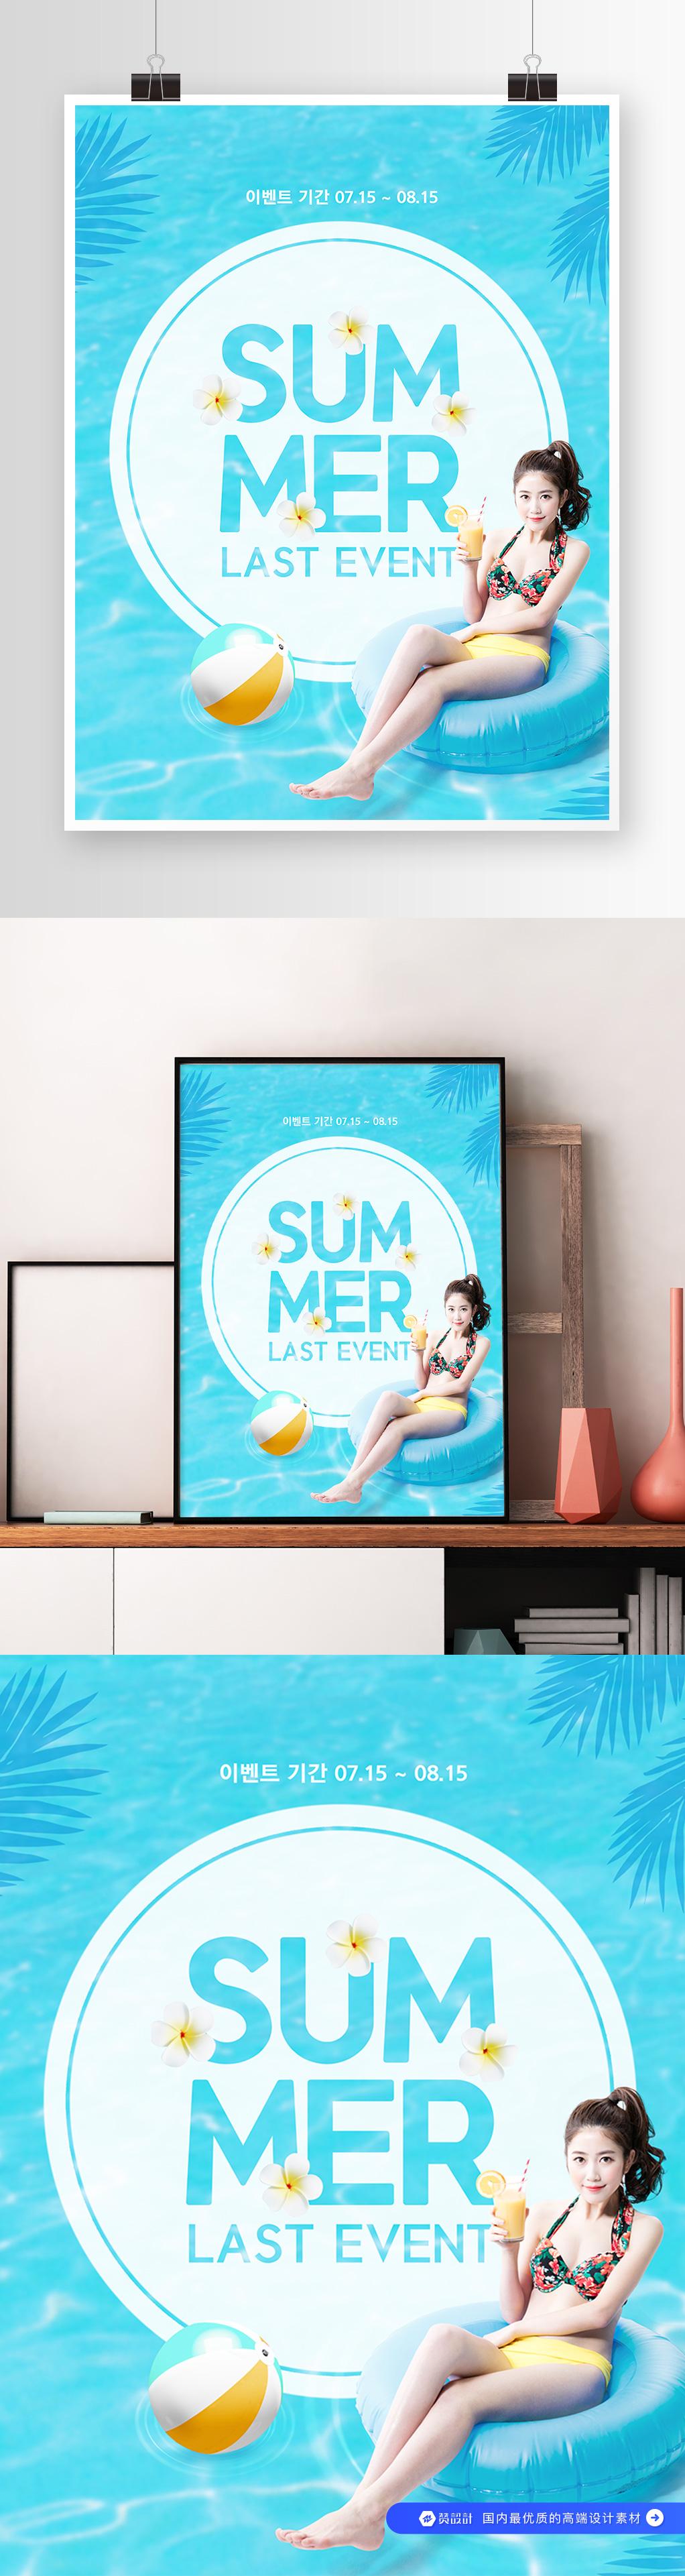 夏季海滩游玩促销海报素材 (8)